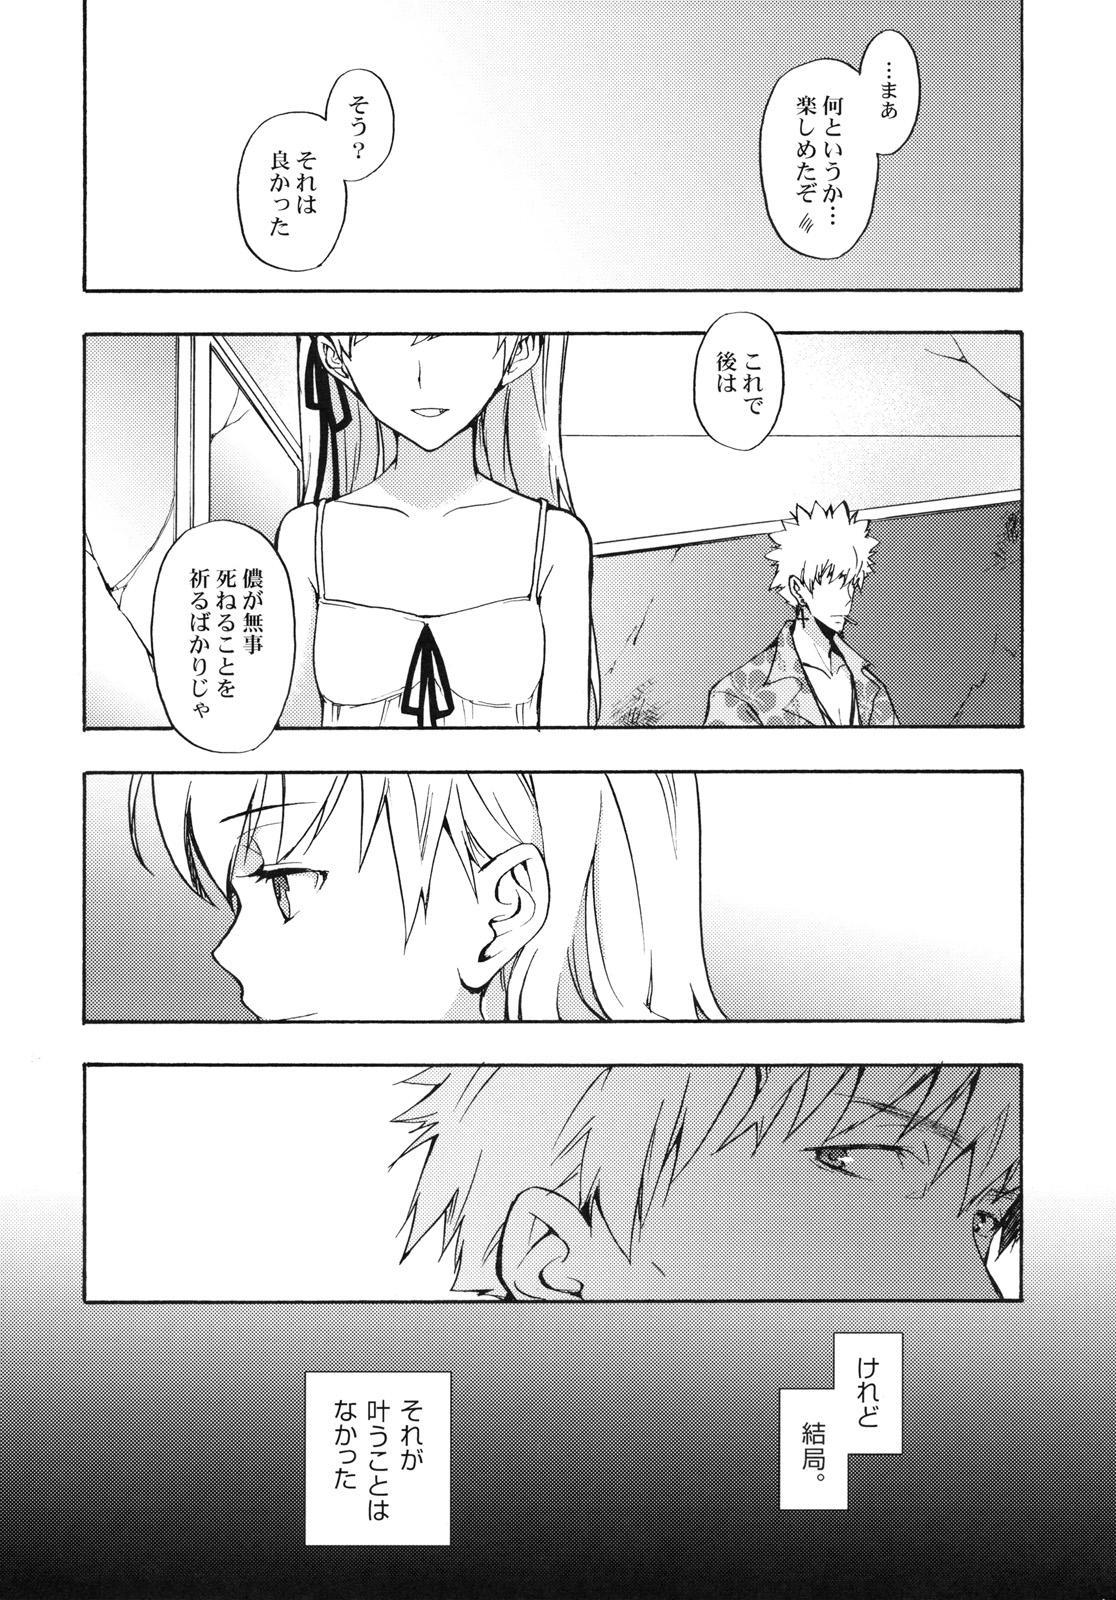 (COMIC1☆4) [Aa Aishiteru (Taishow)] Oshino-san-chi no Shinobu-chan. Bangaihen (Bakemonogatari) 14